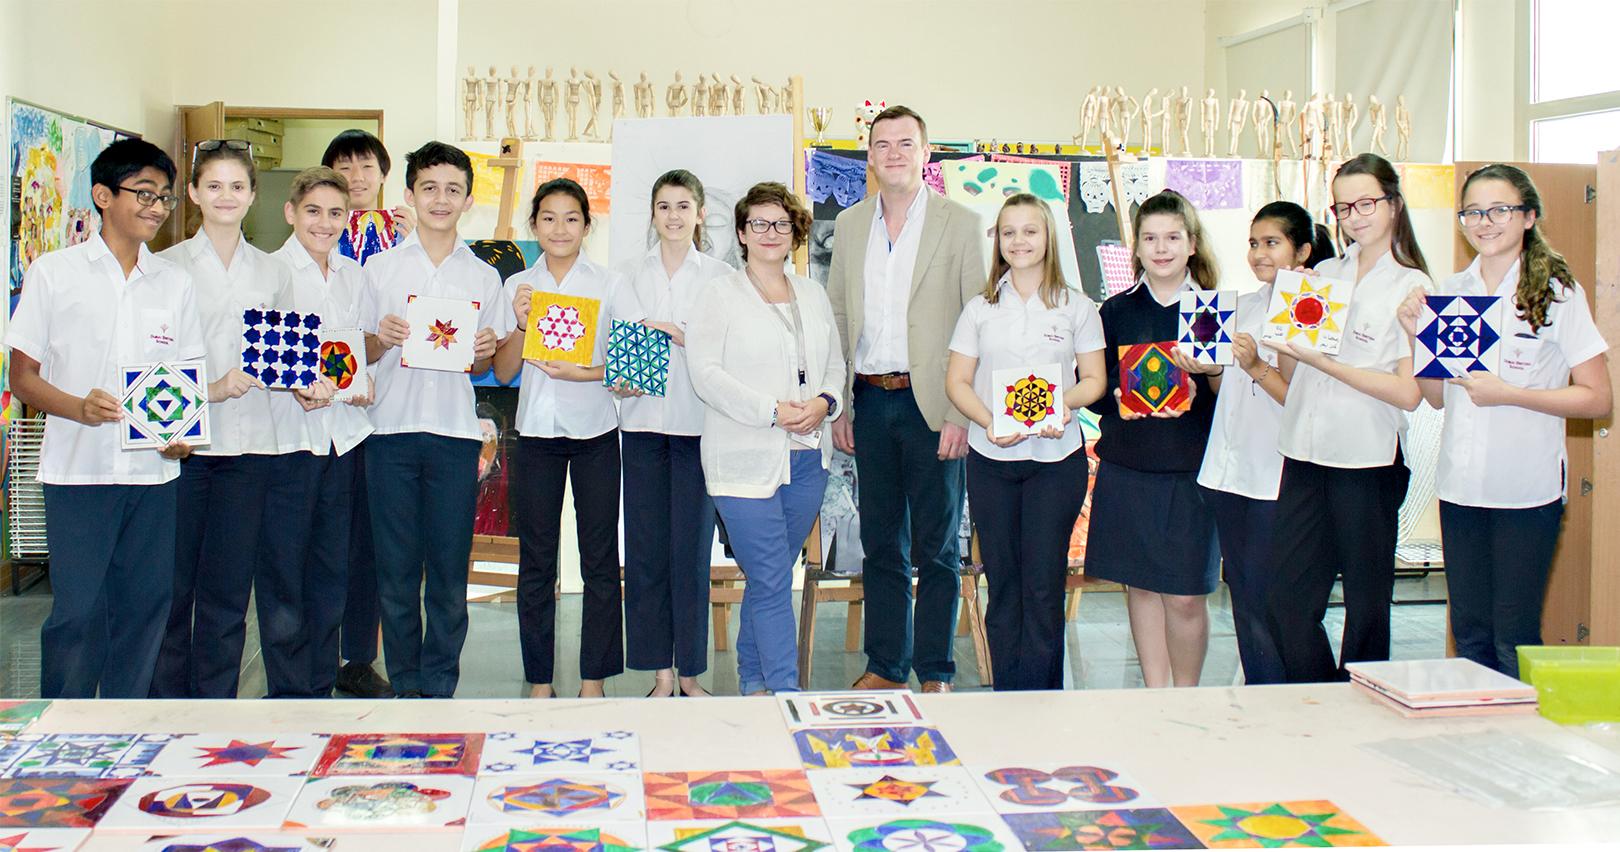 RAK Ceramics Supports Islamic Tile Art through Young Future Designers at the Dubai British School